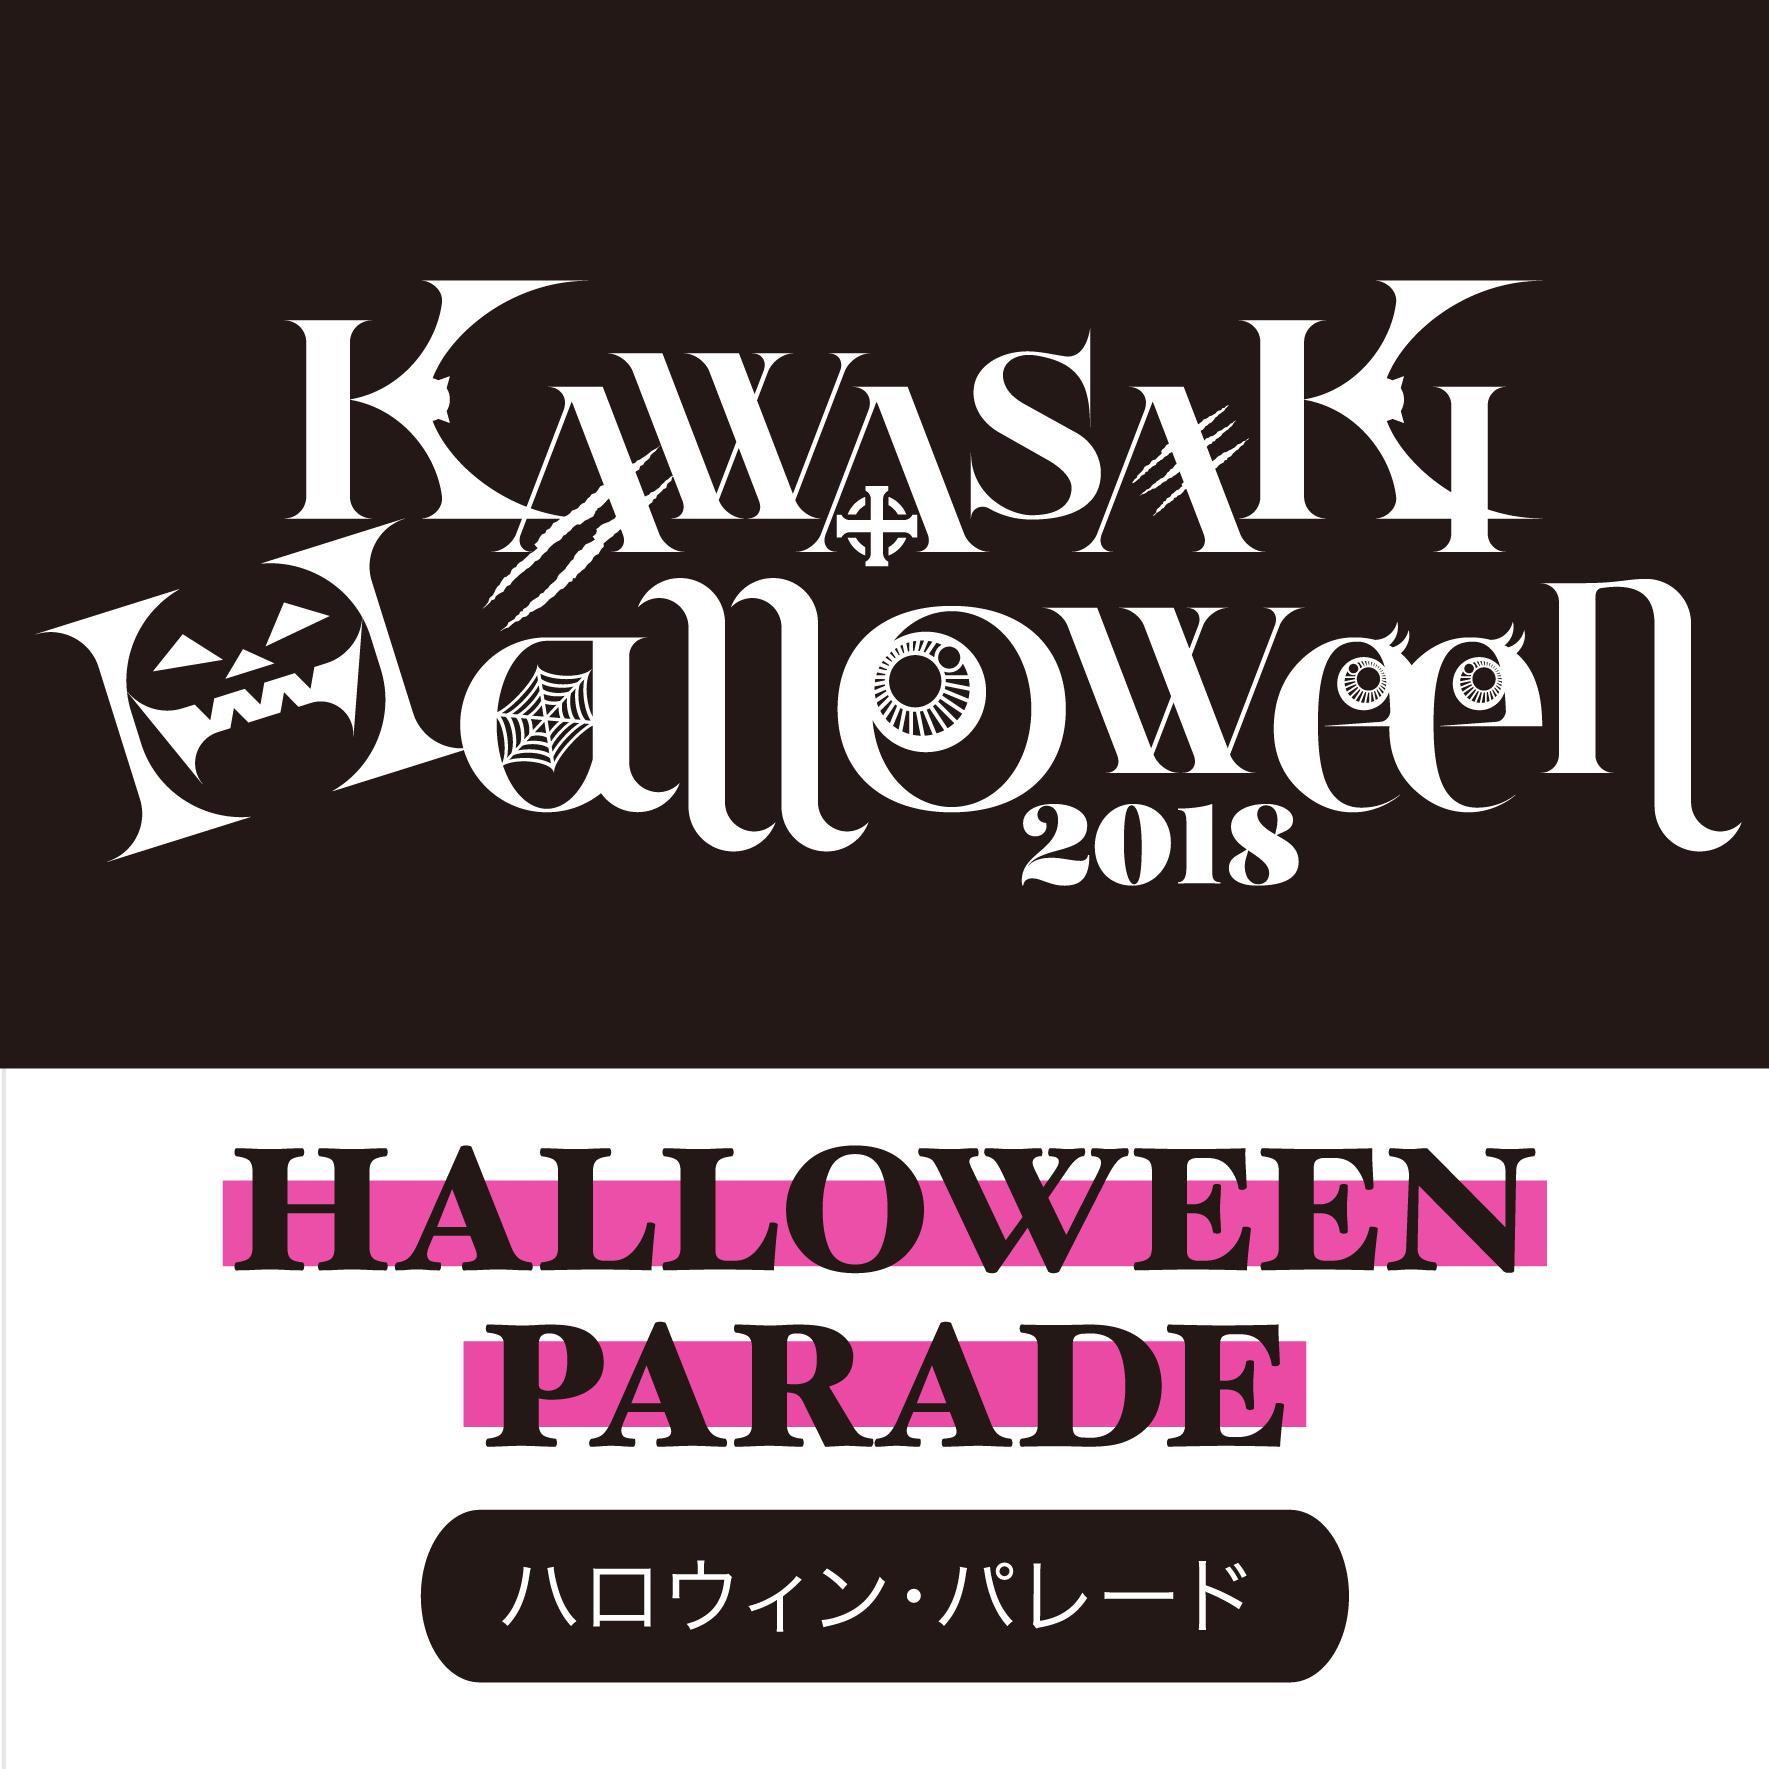 ハロウィン・パレード【追加販売】